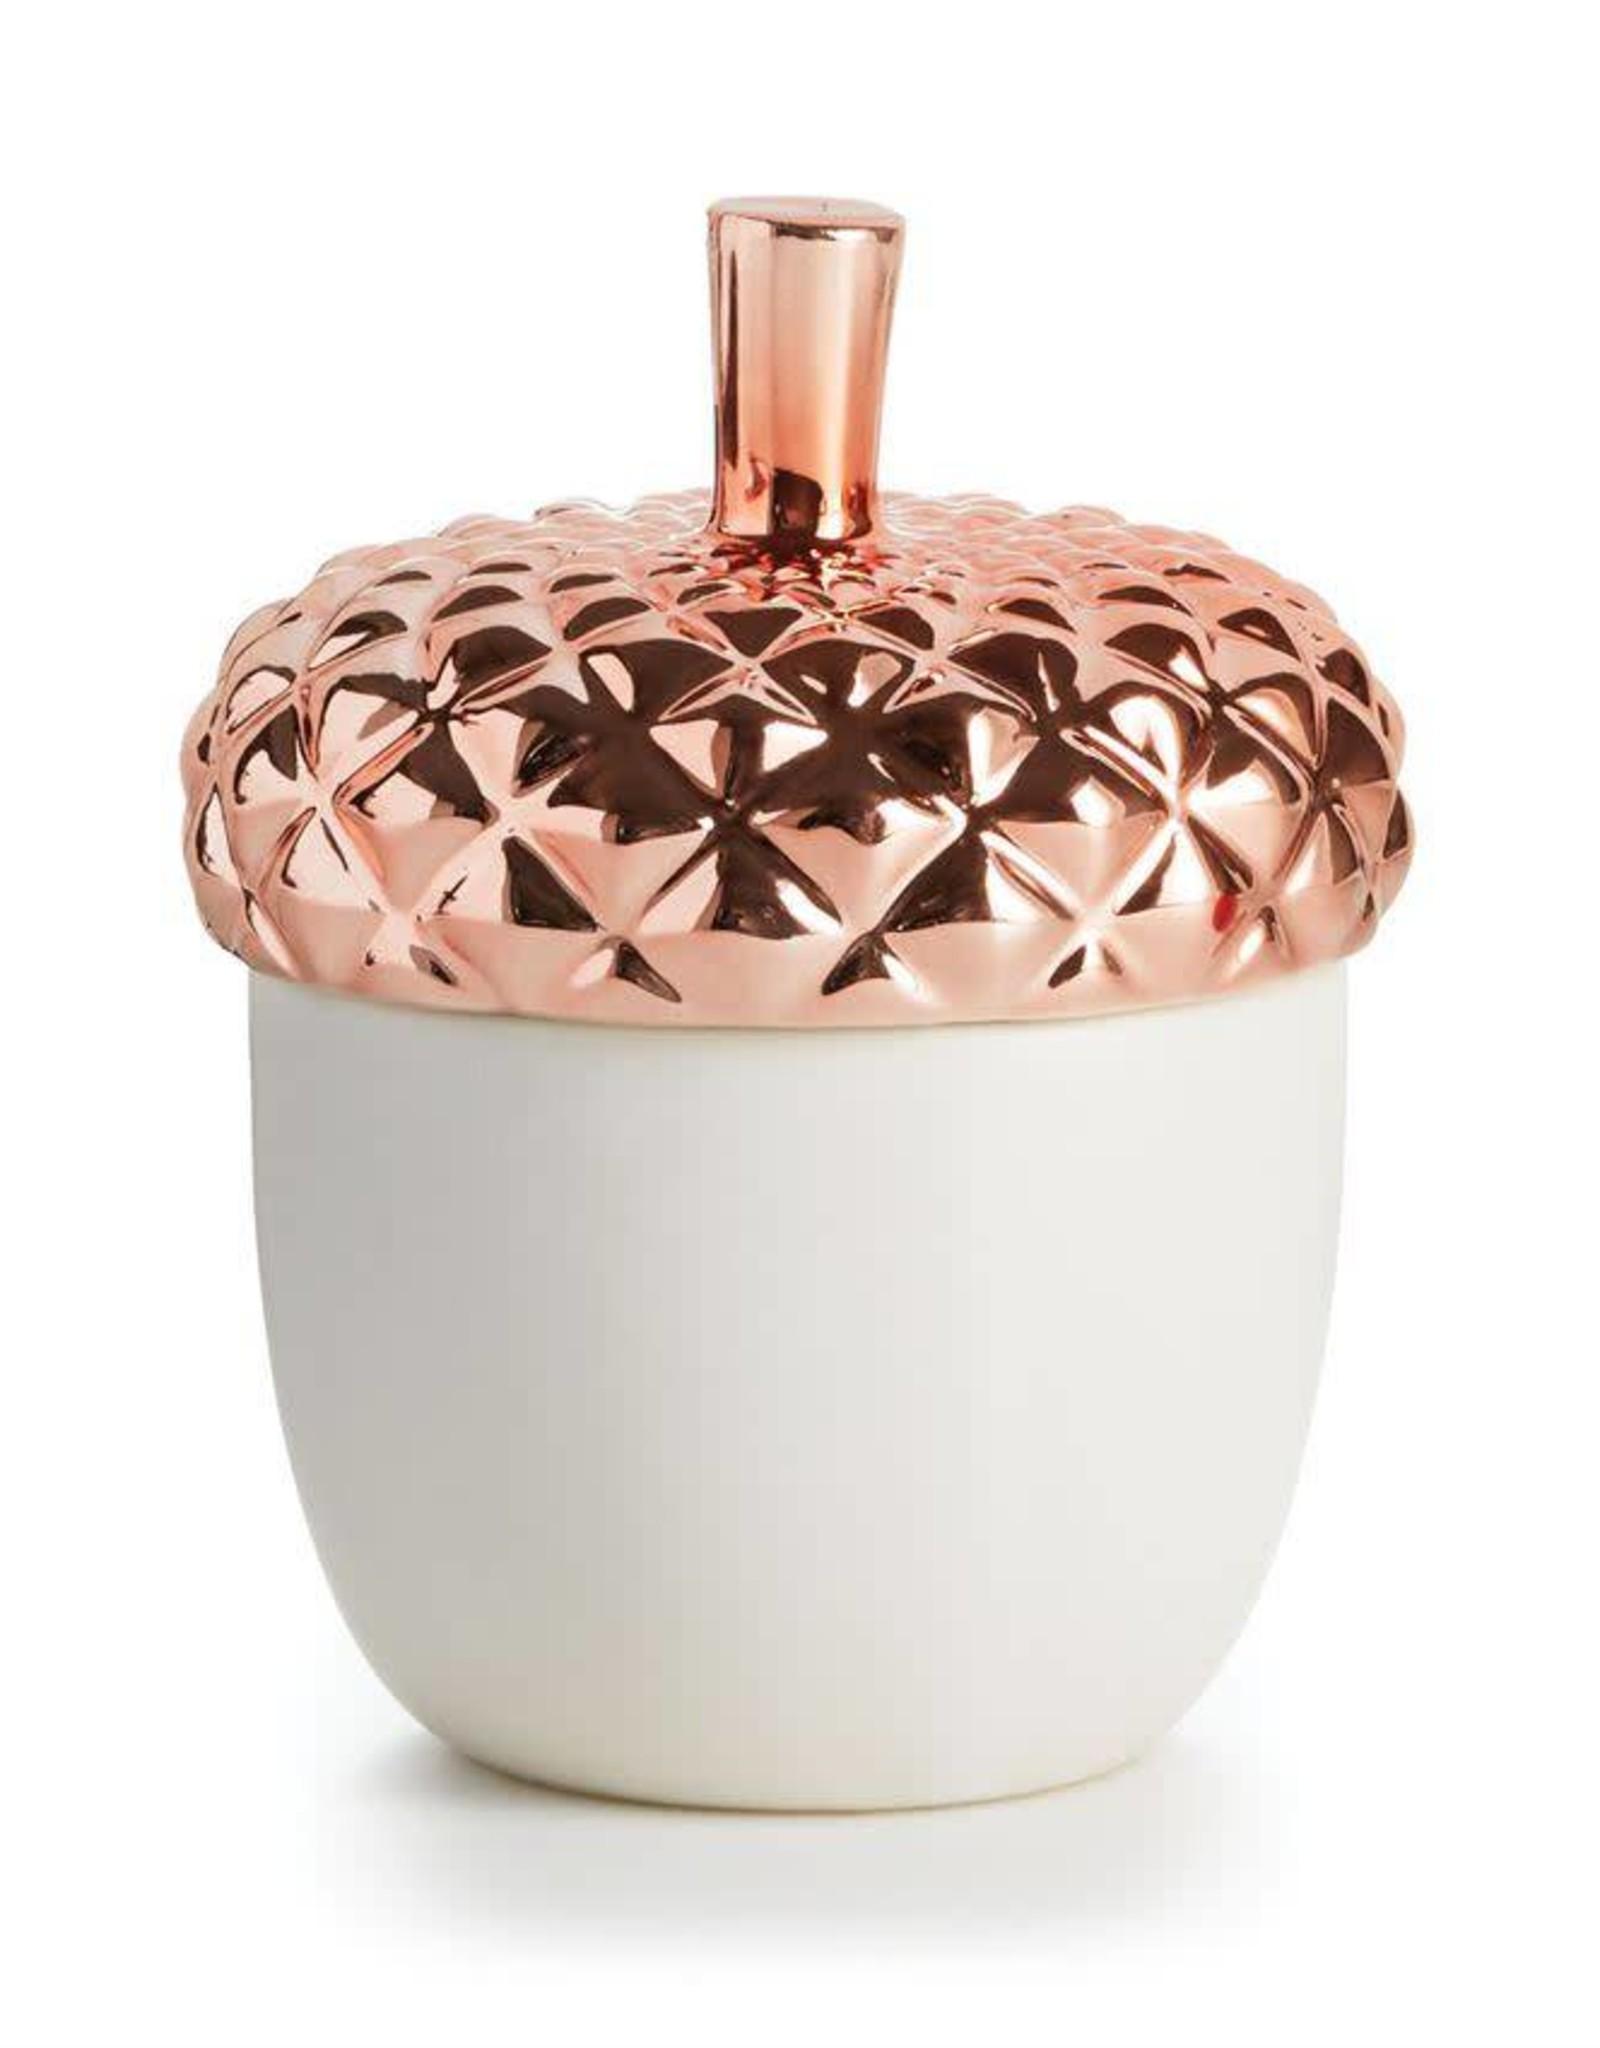 Copper Leaves Acorn Ceramic Candle